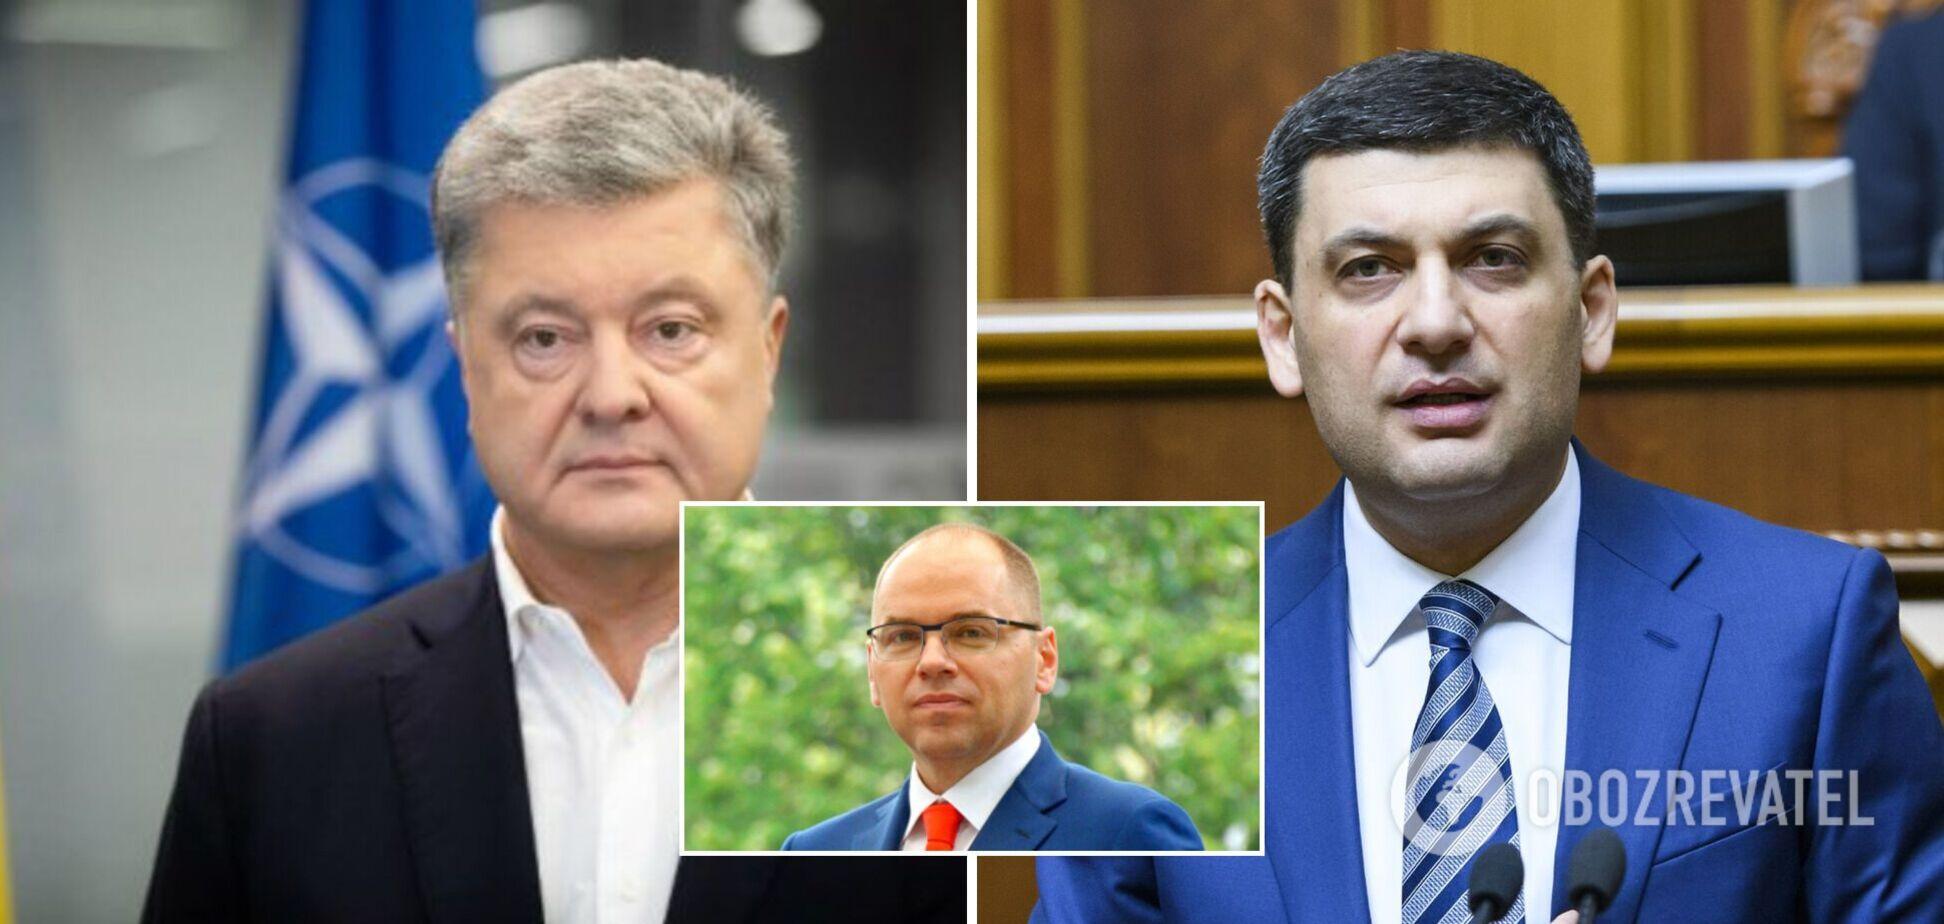 Порошенко, Степанов і Гройсман: як українські політики привітали коханих у День святого Валентина